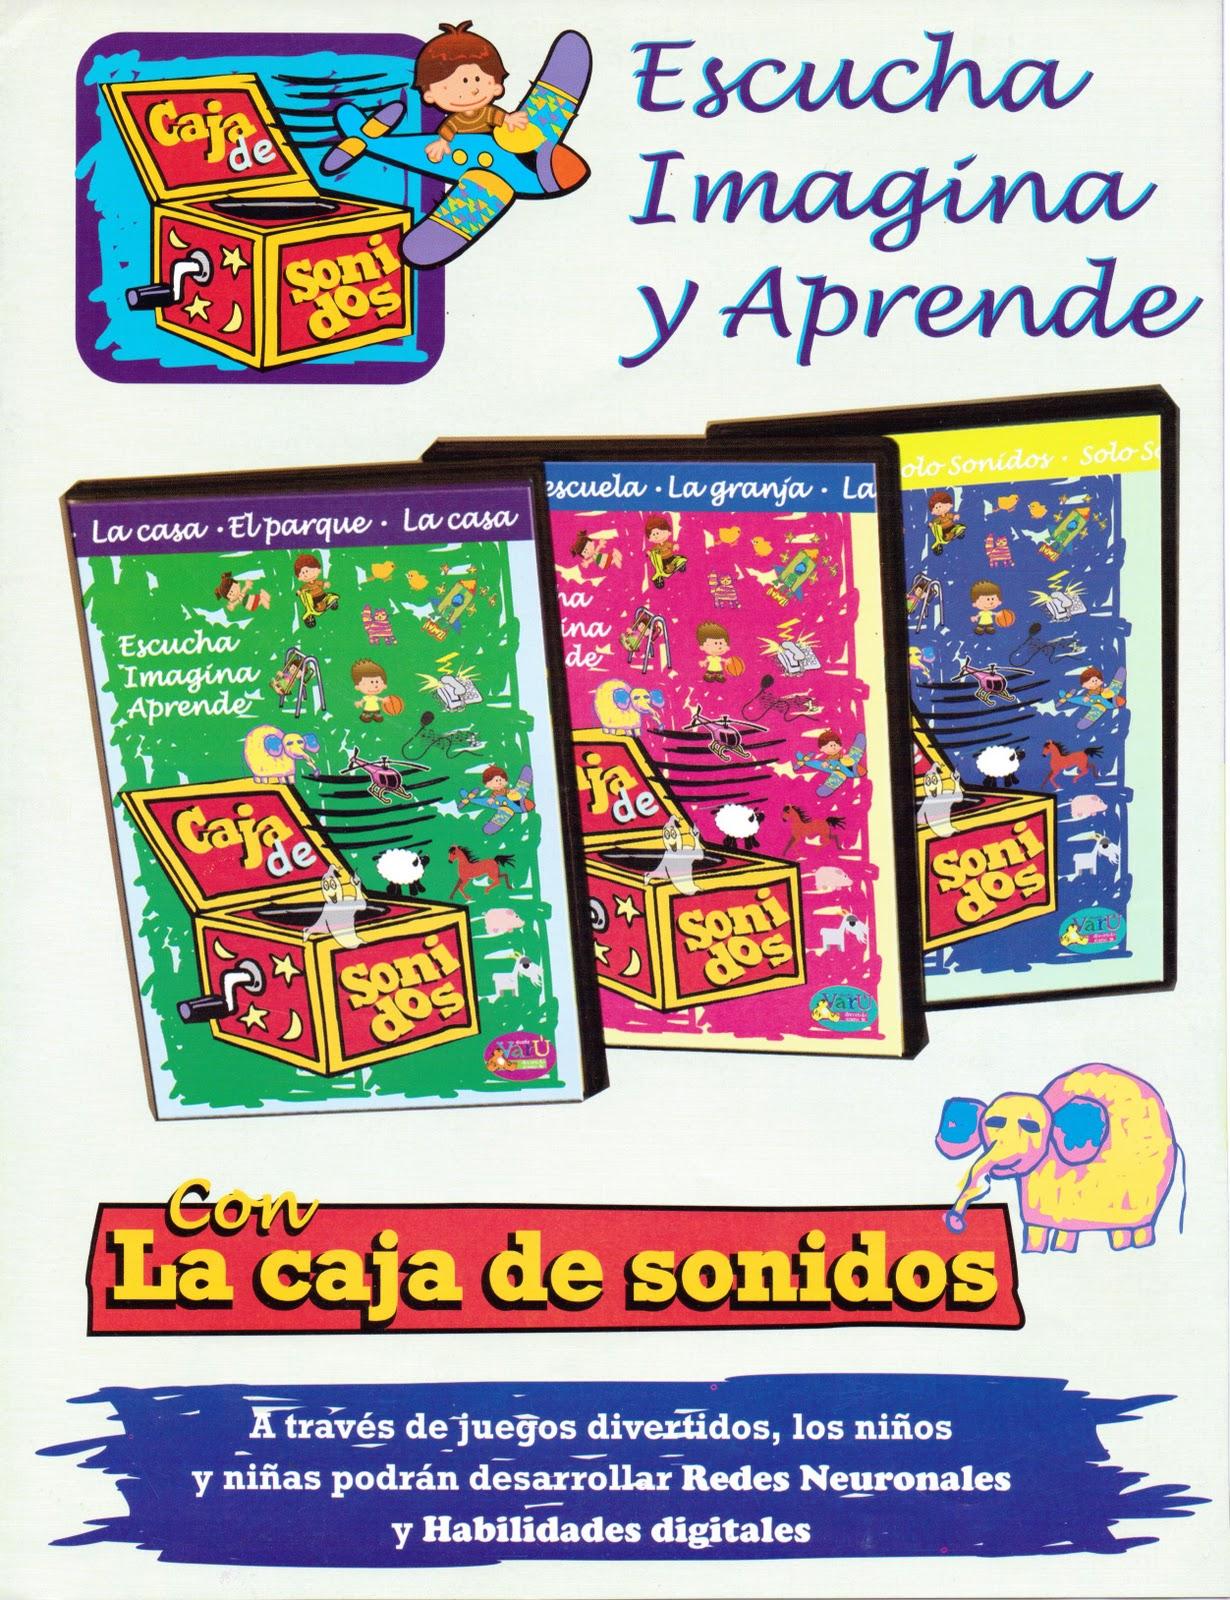 Libros dvds cd roms enciclopedias educaci n preescolar for La caja sucursales horarios